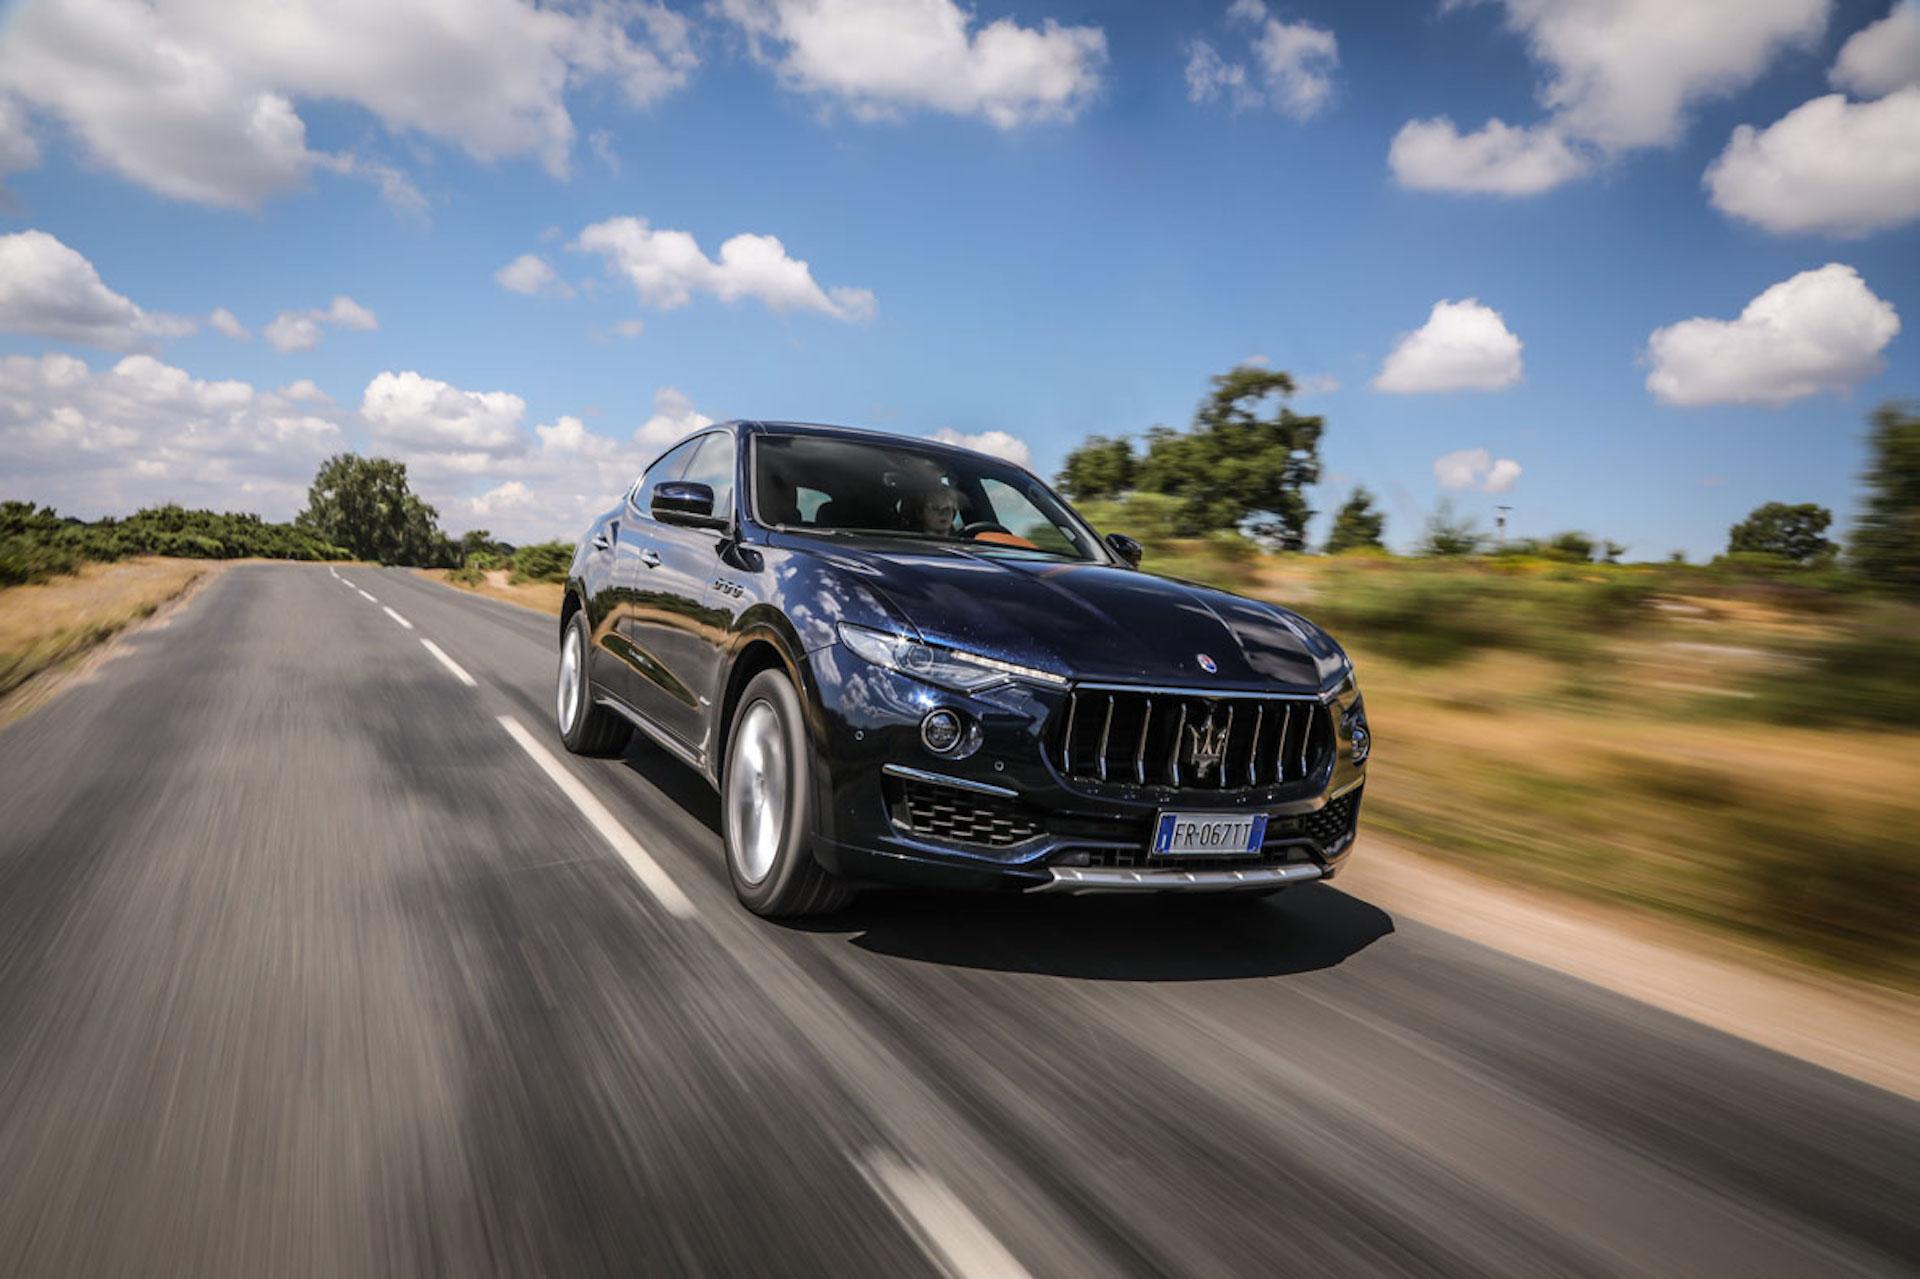 Maserati Granturismo 2020 Renovacion Electrica Inspirada En El